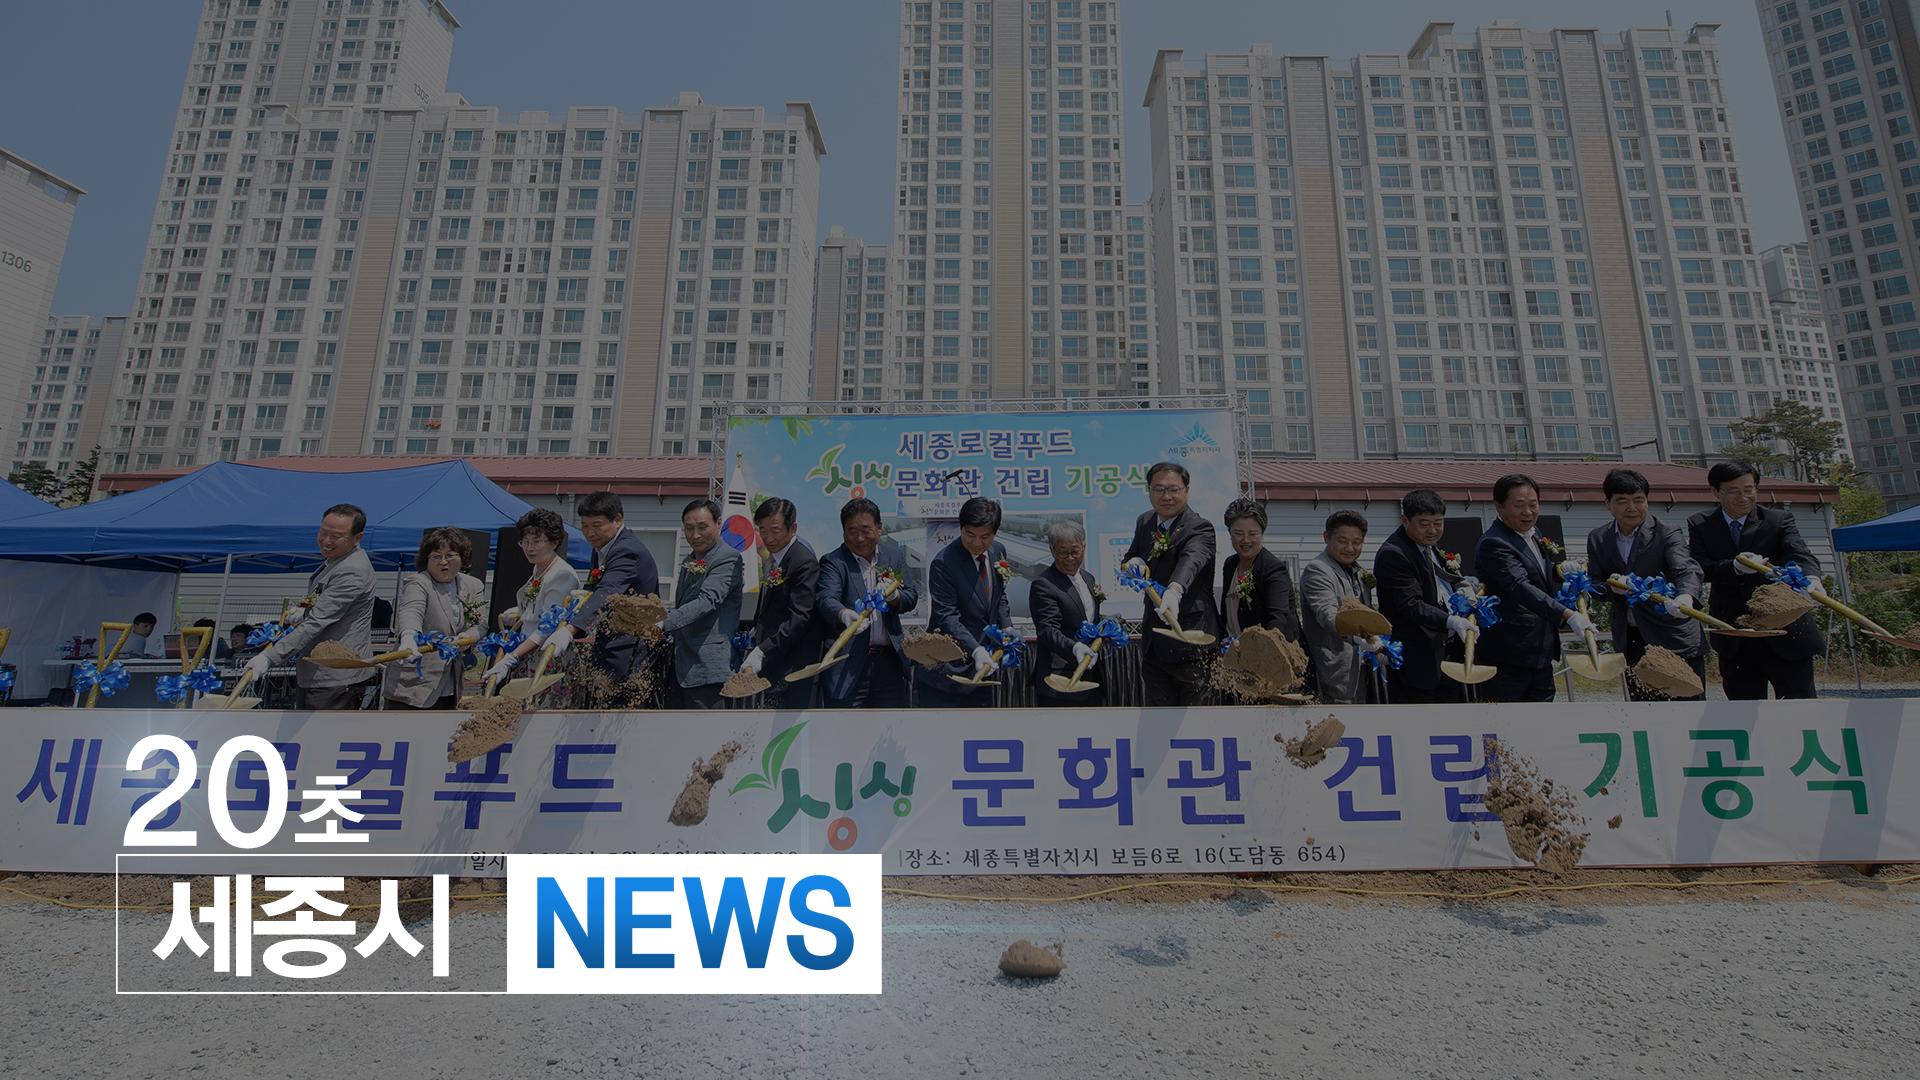 <20초뉴스> 세종 로컬푸드 싱싱문화관 건립